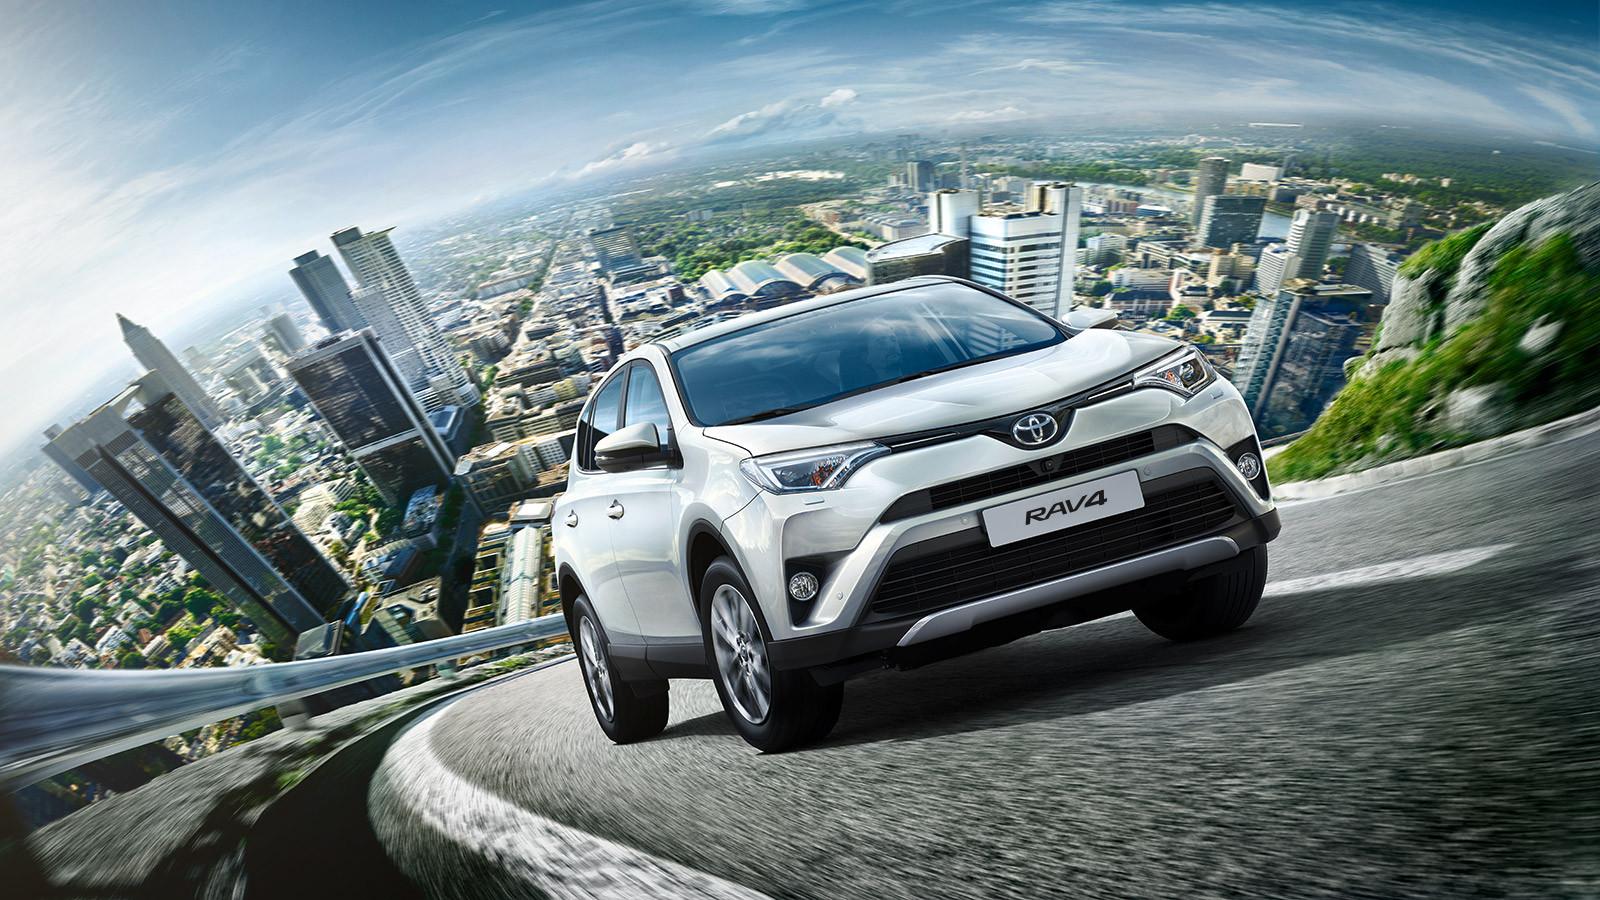 Специалисты составили рейтинг наилучших гибридных авто подоступной цене